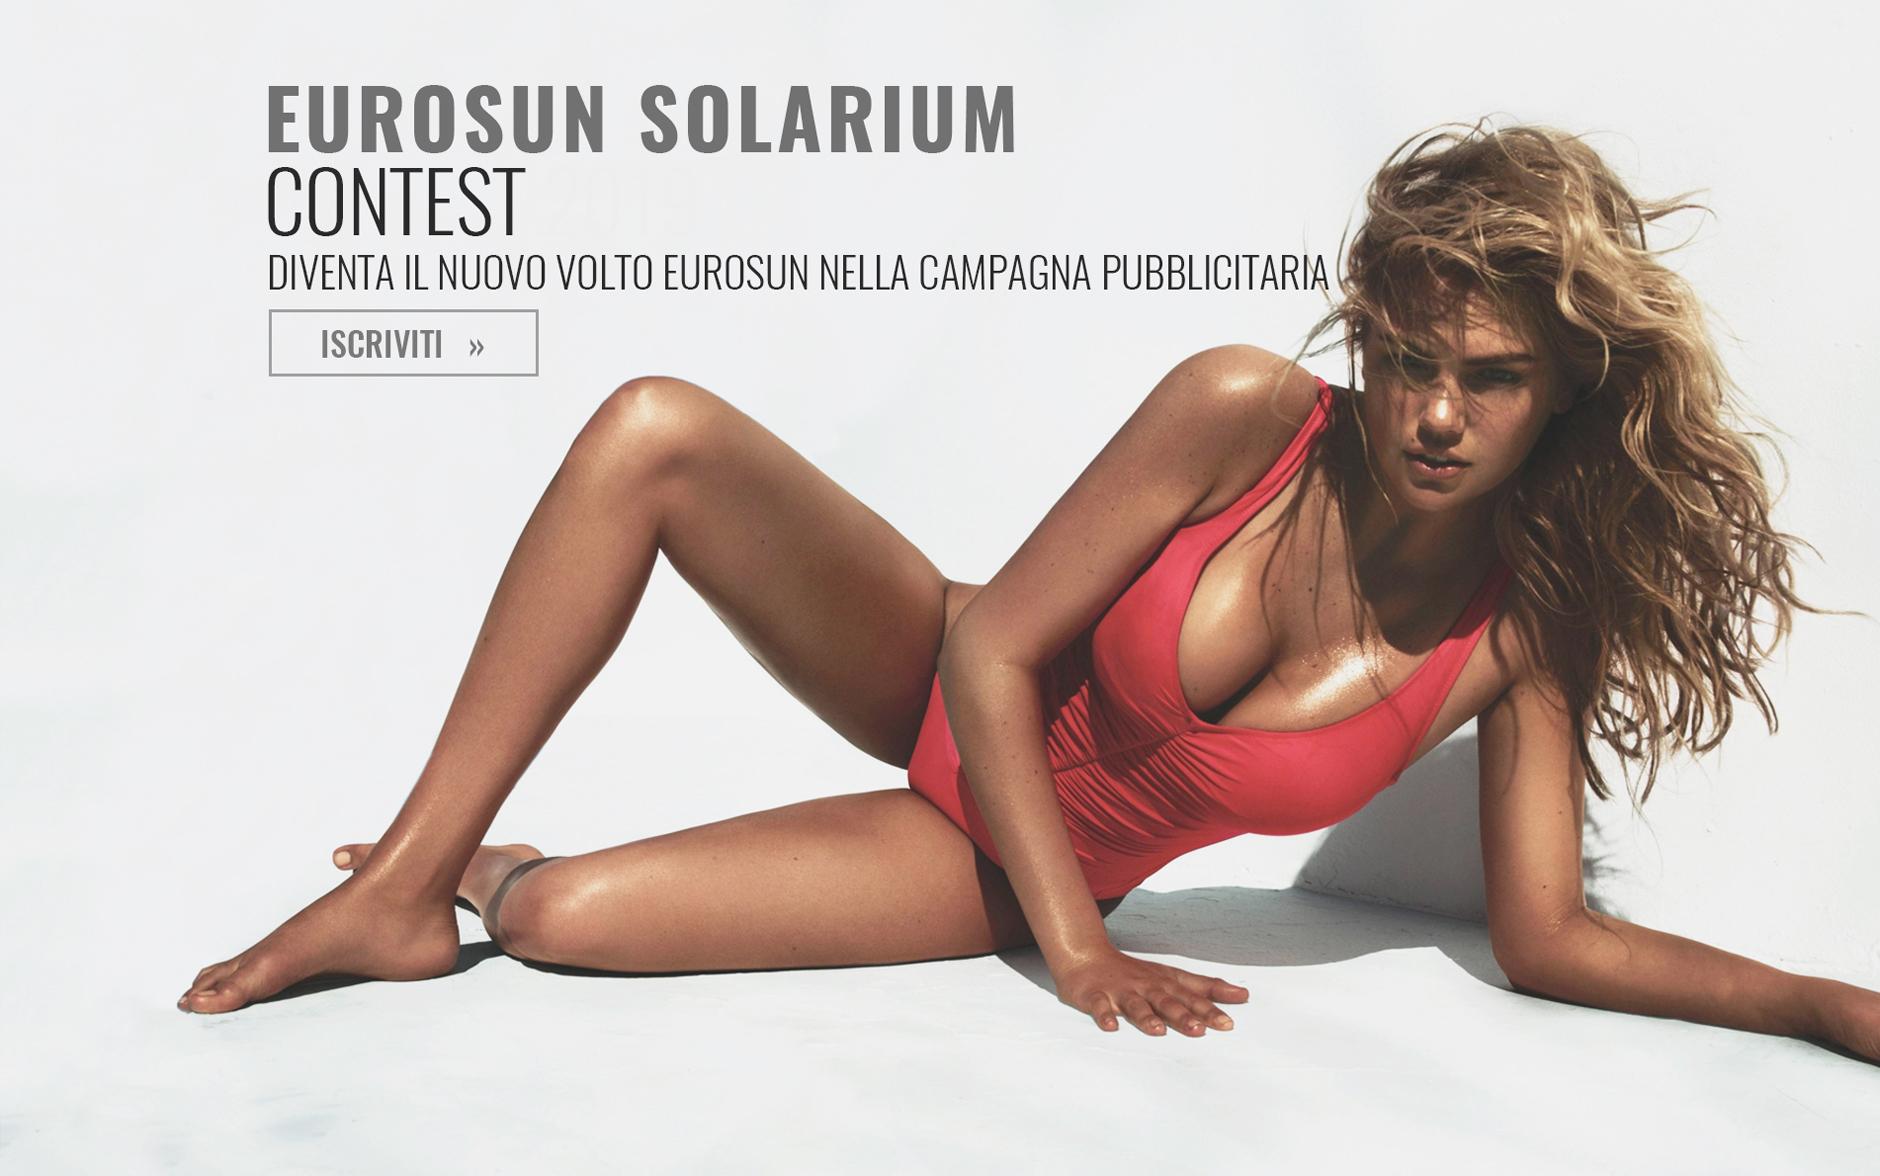 Eurosun solarium contest